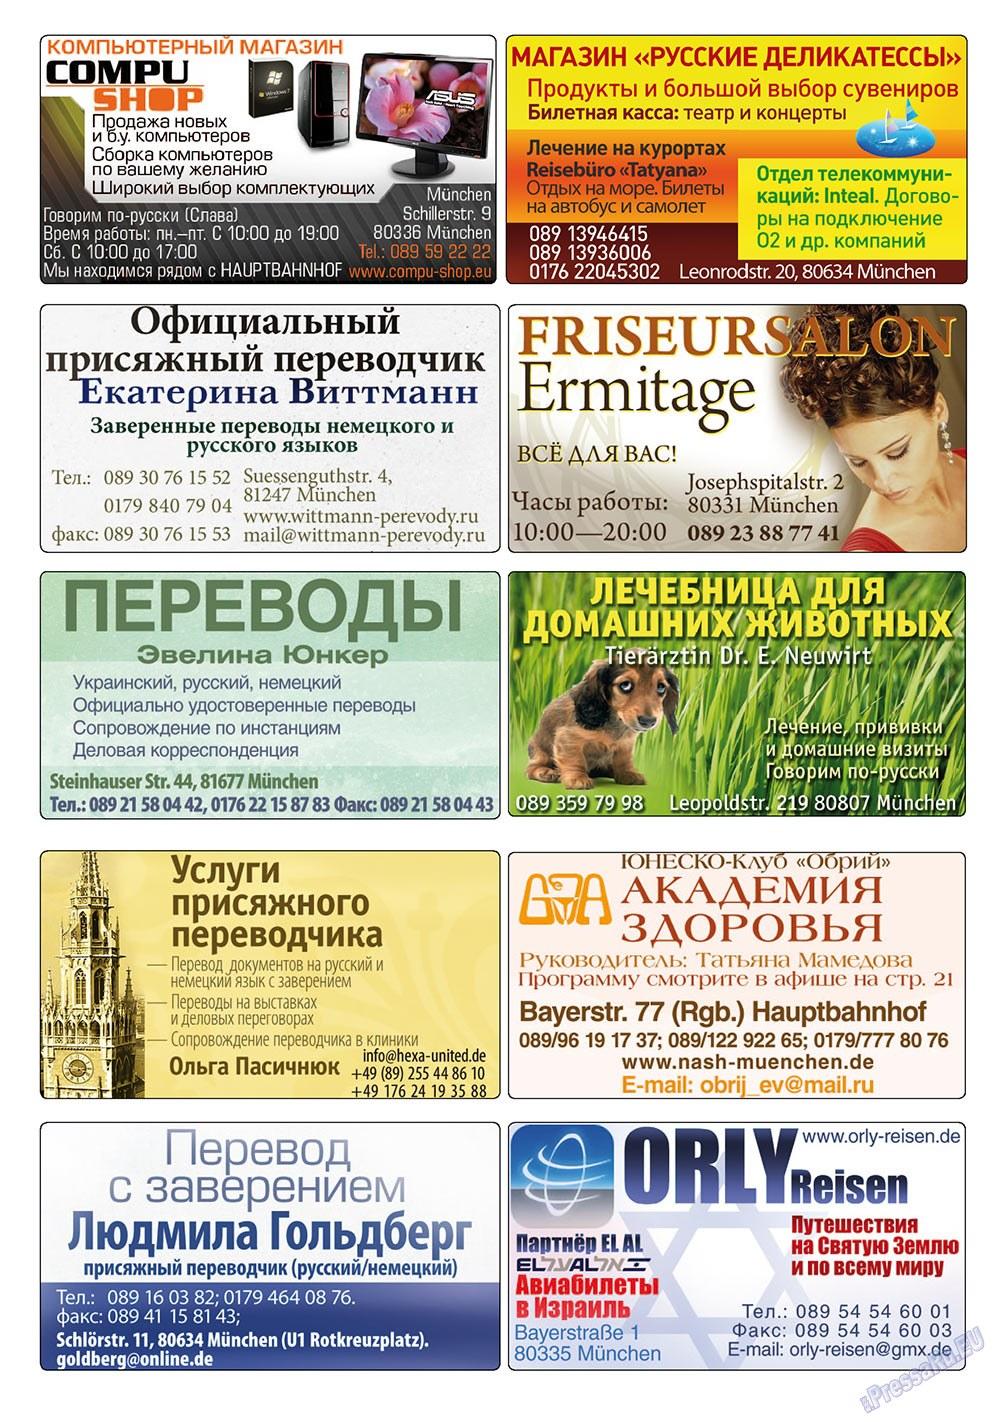 Апельсин (журнал). 2010 год, номер 10, стр. 23